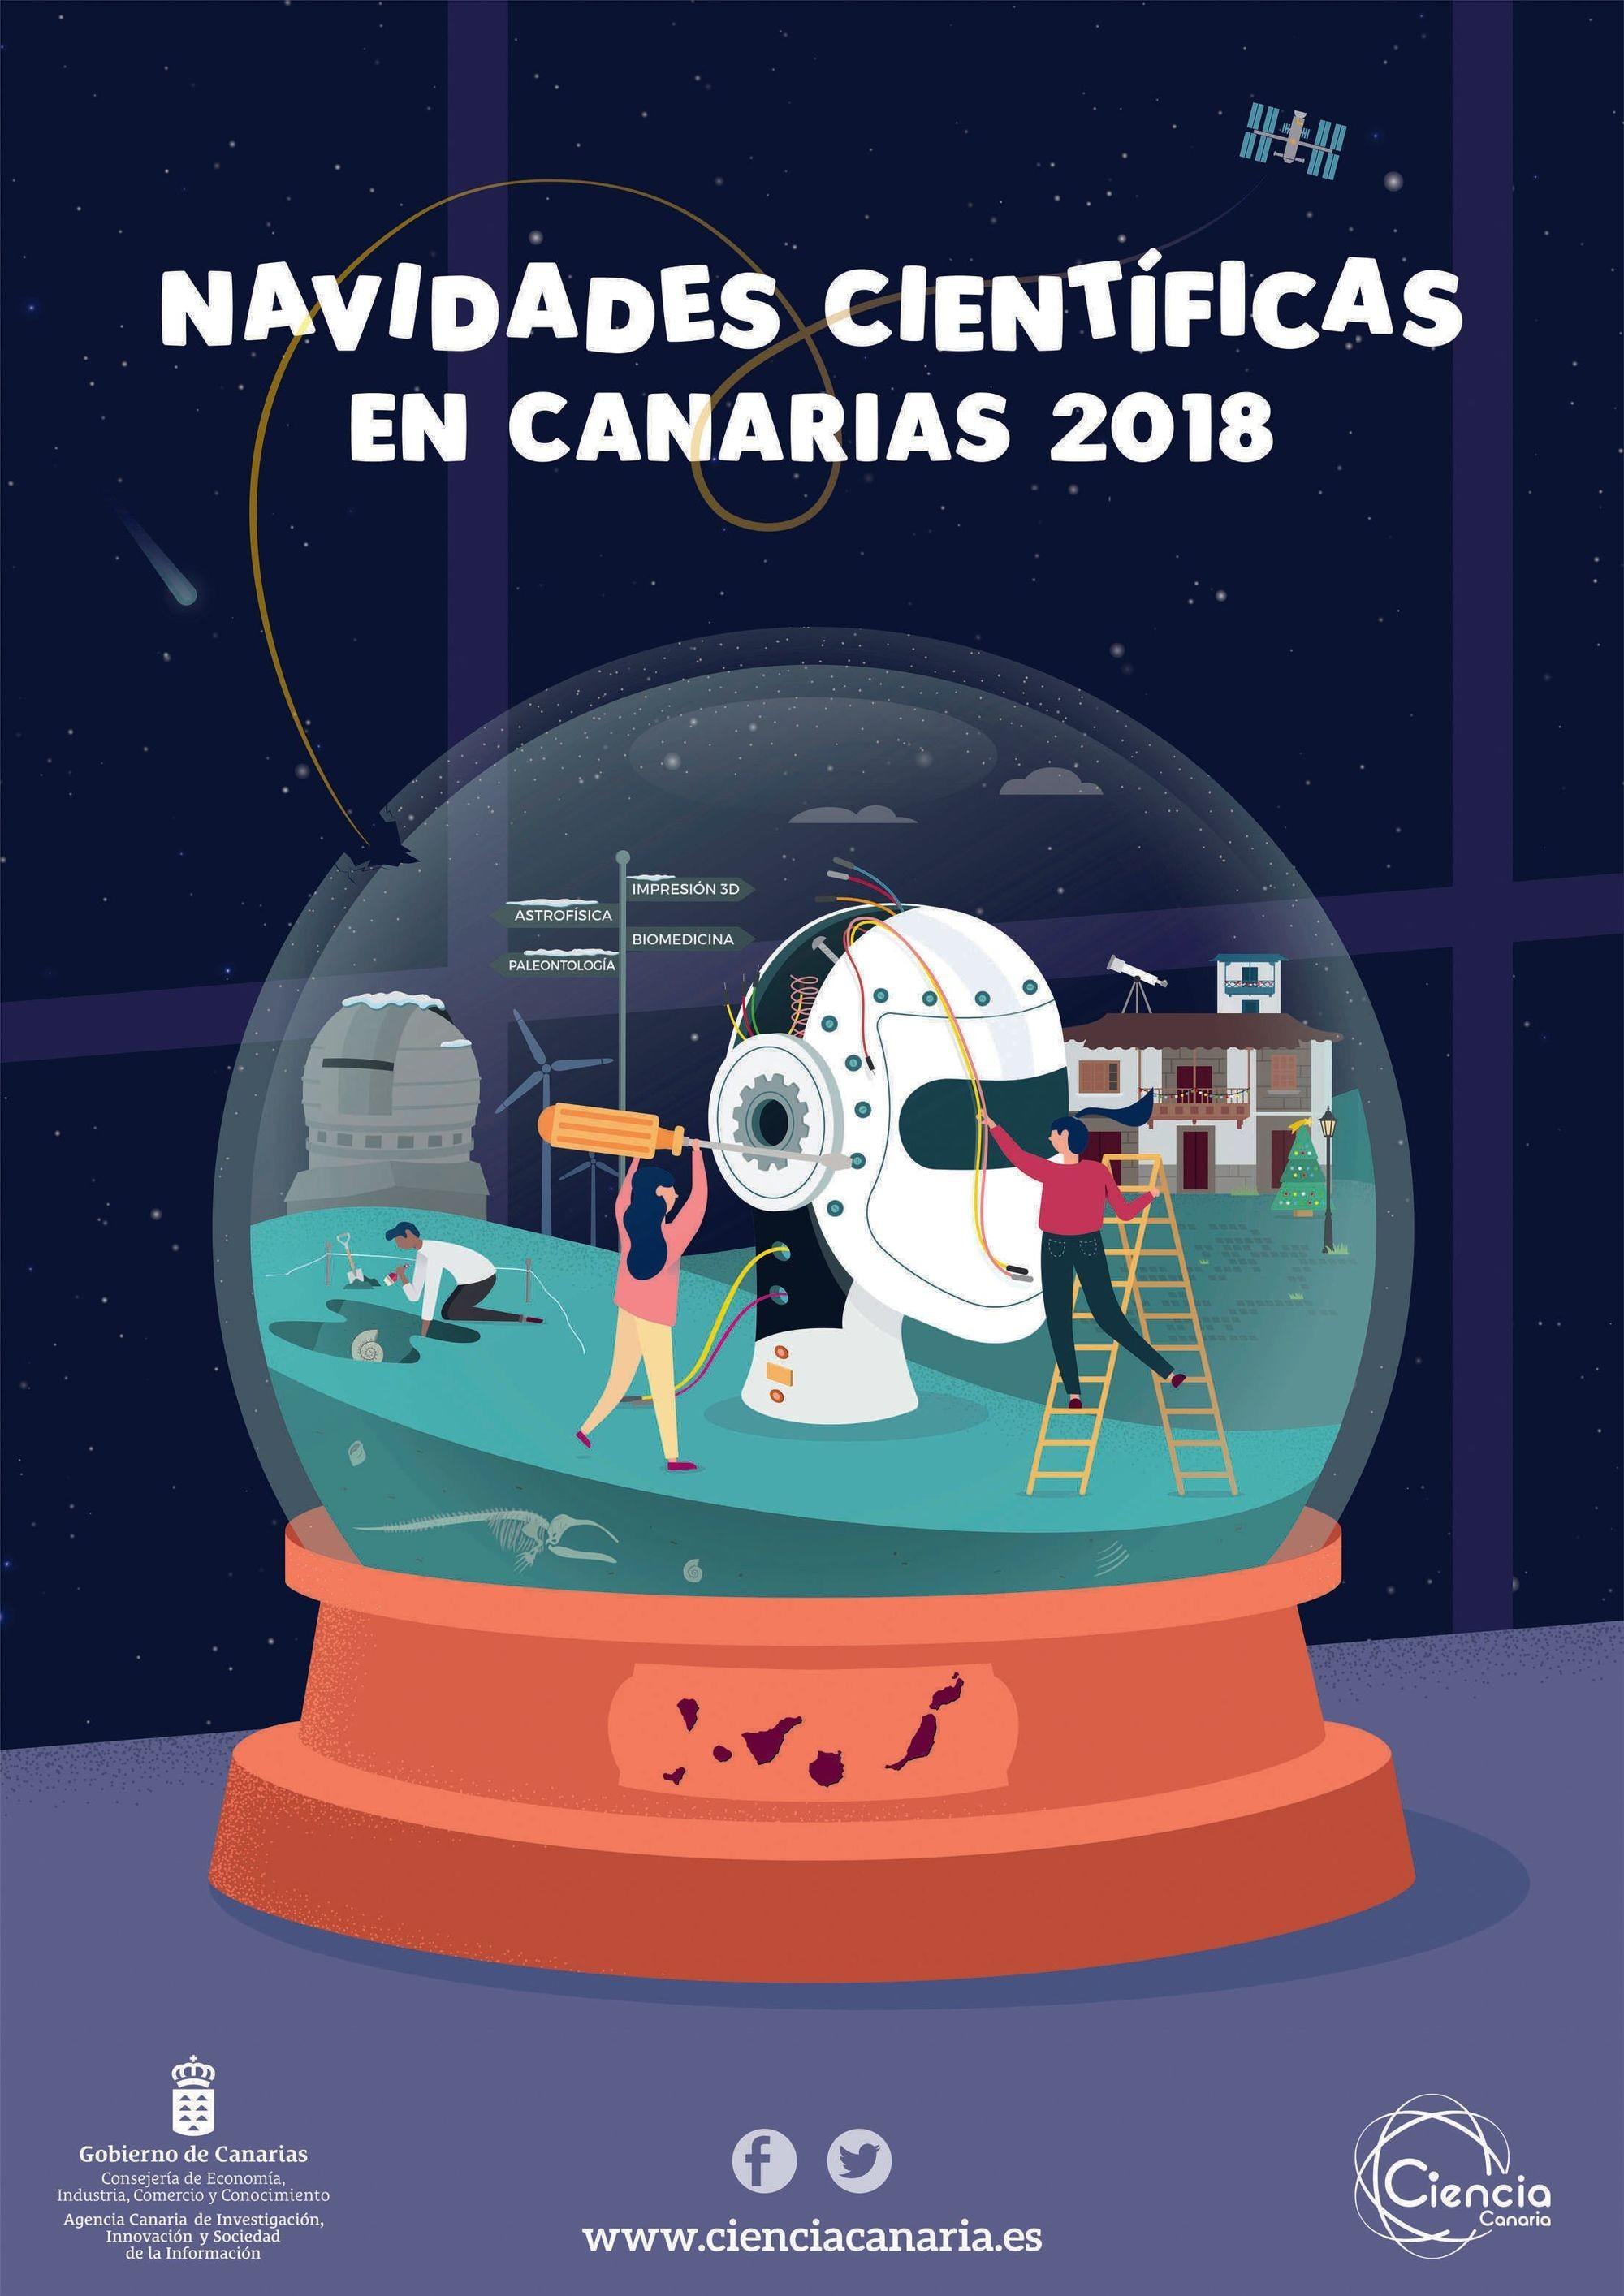 Navidades cientificas en Canarias 2018